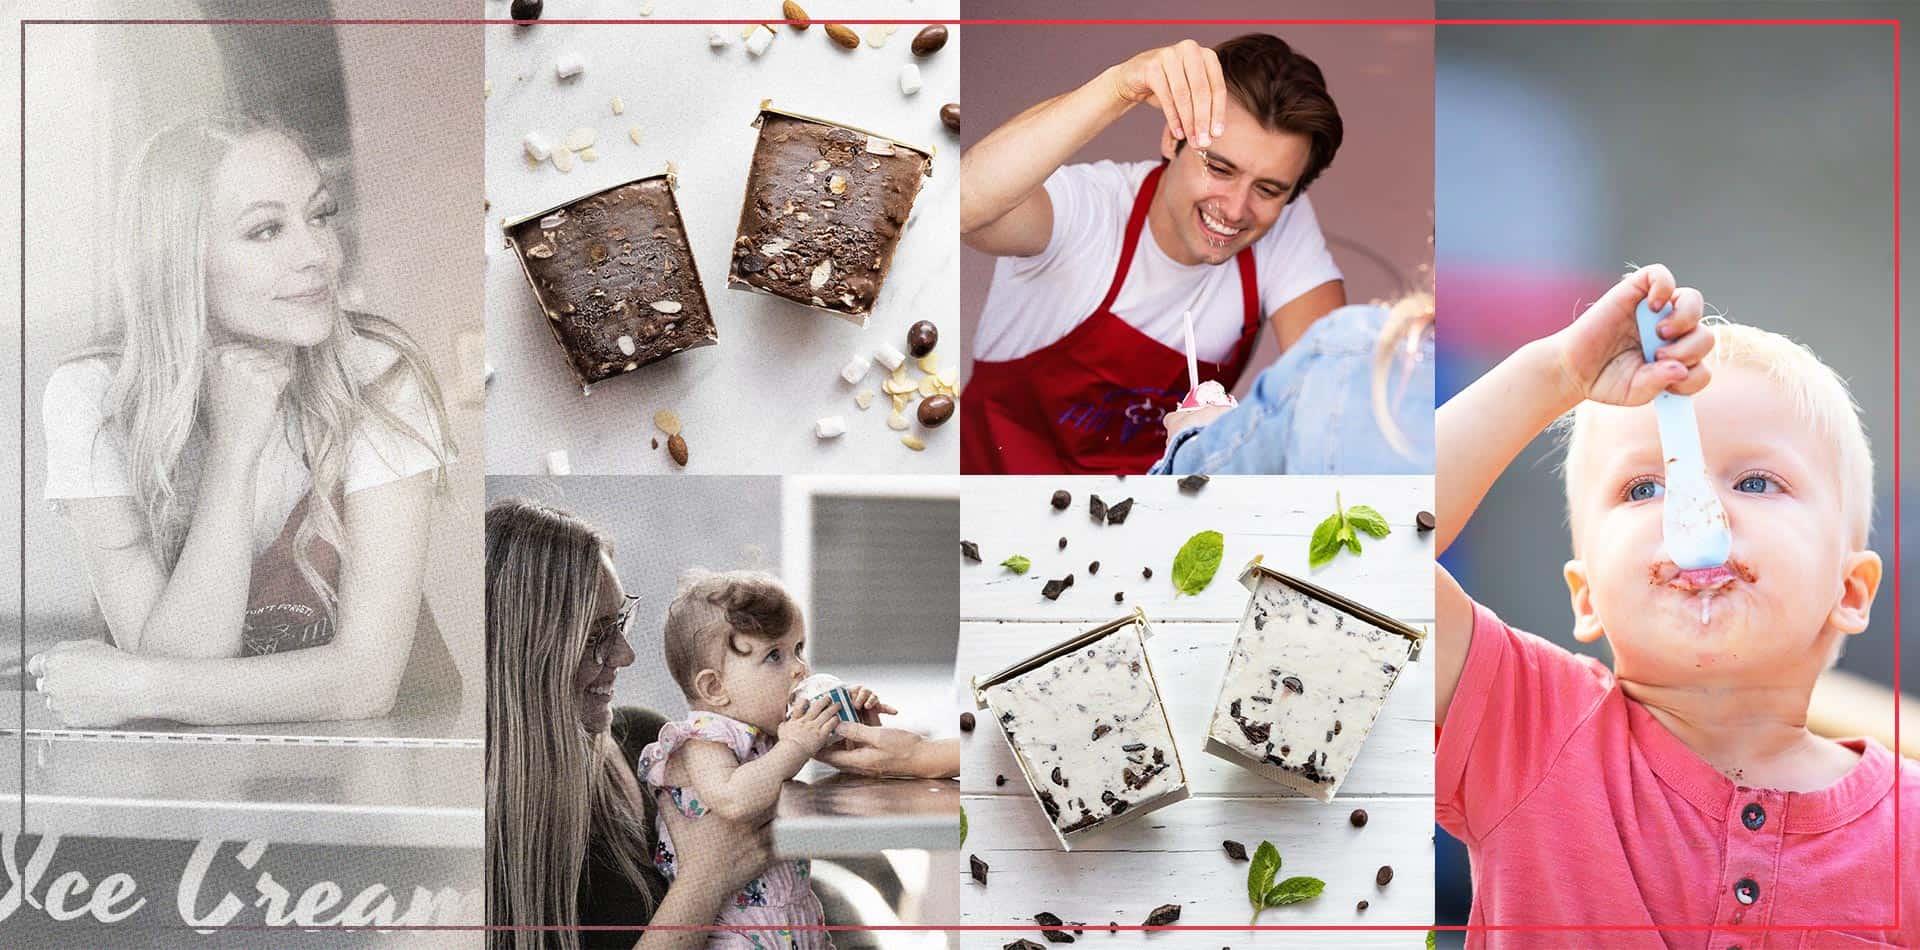 Great Ice Cream Photos